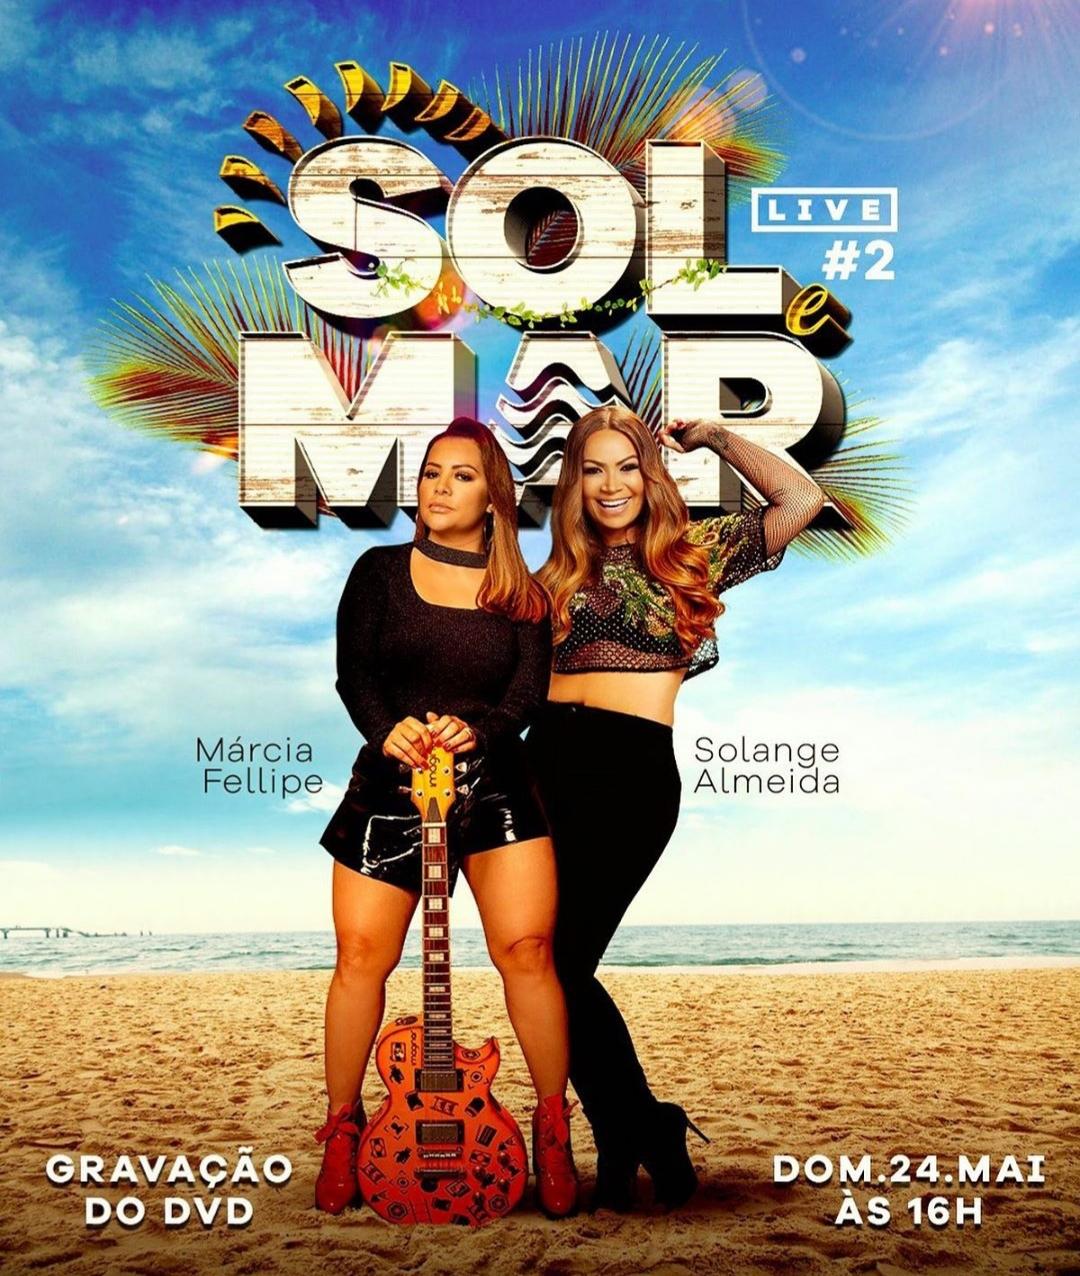 Live Solange Almeida e Márcia Fellipe